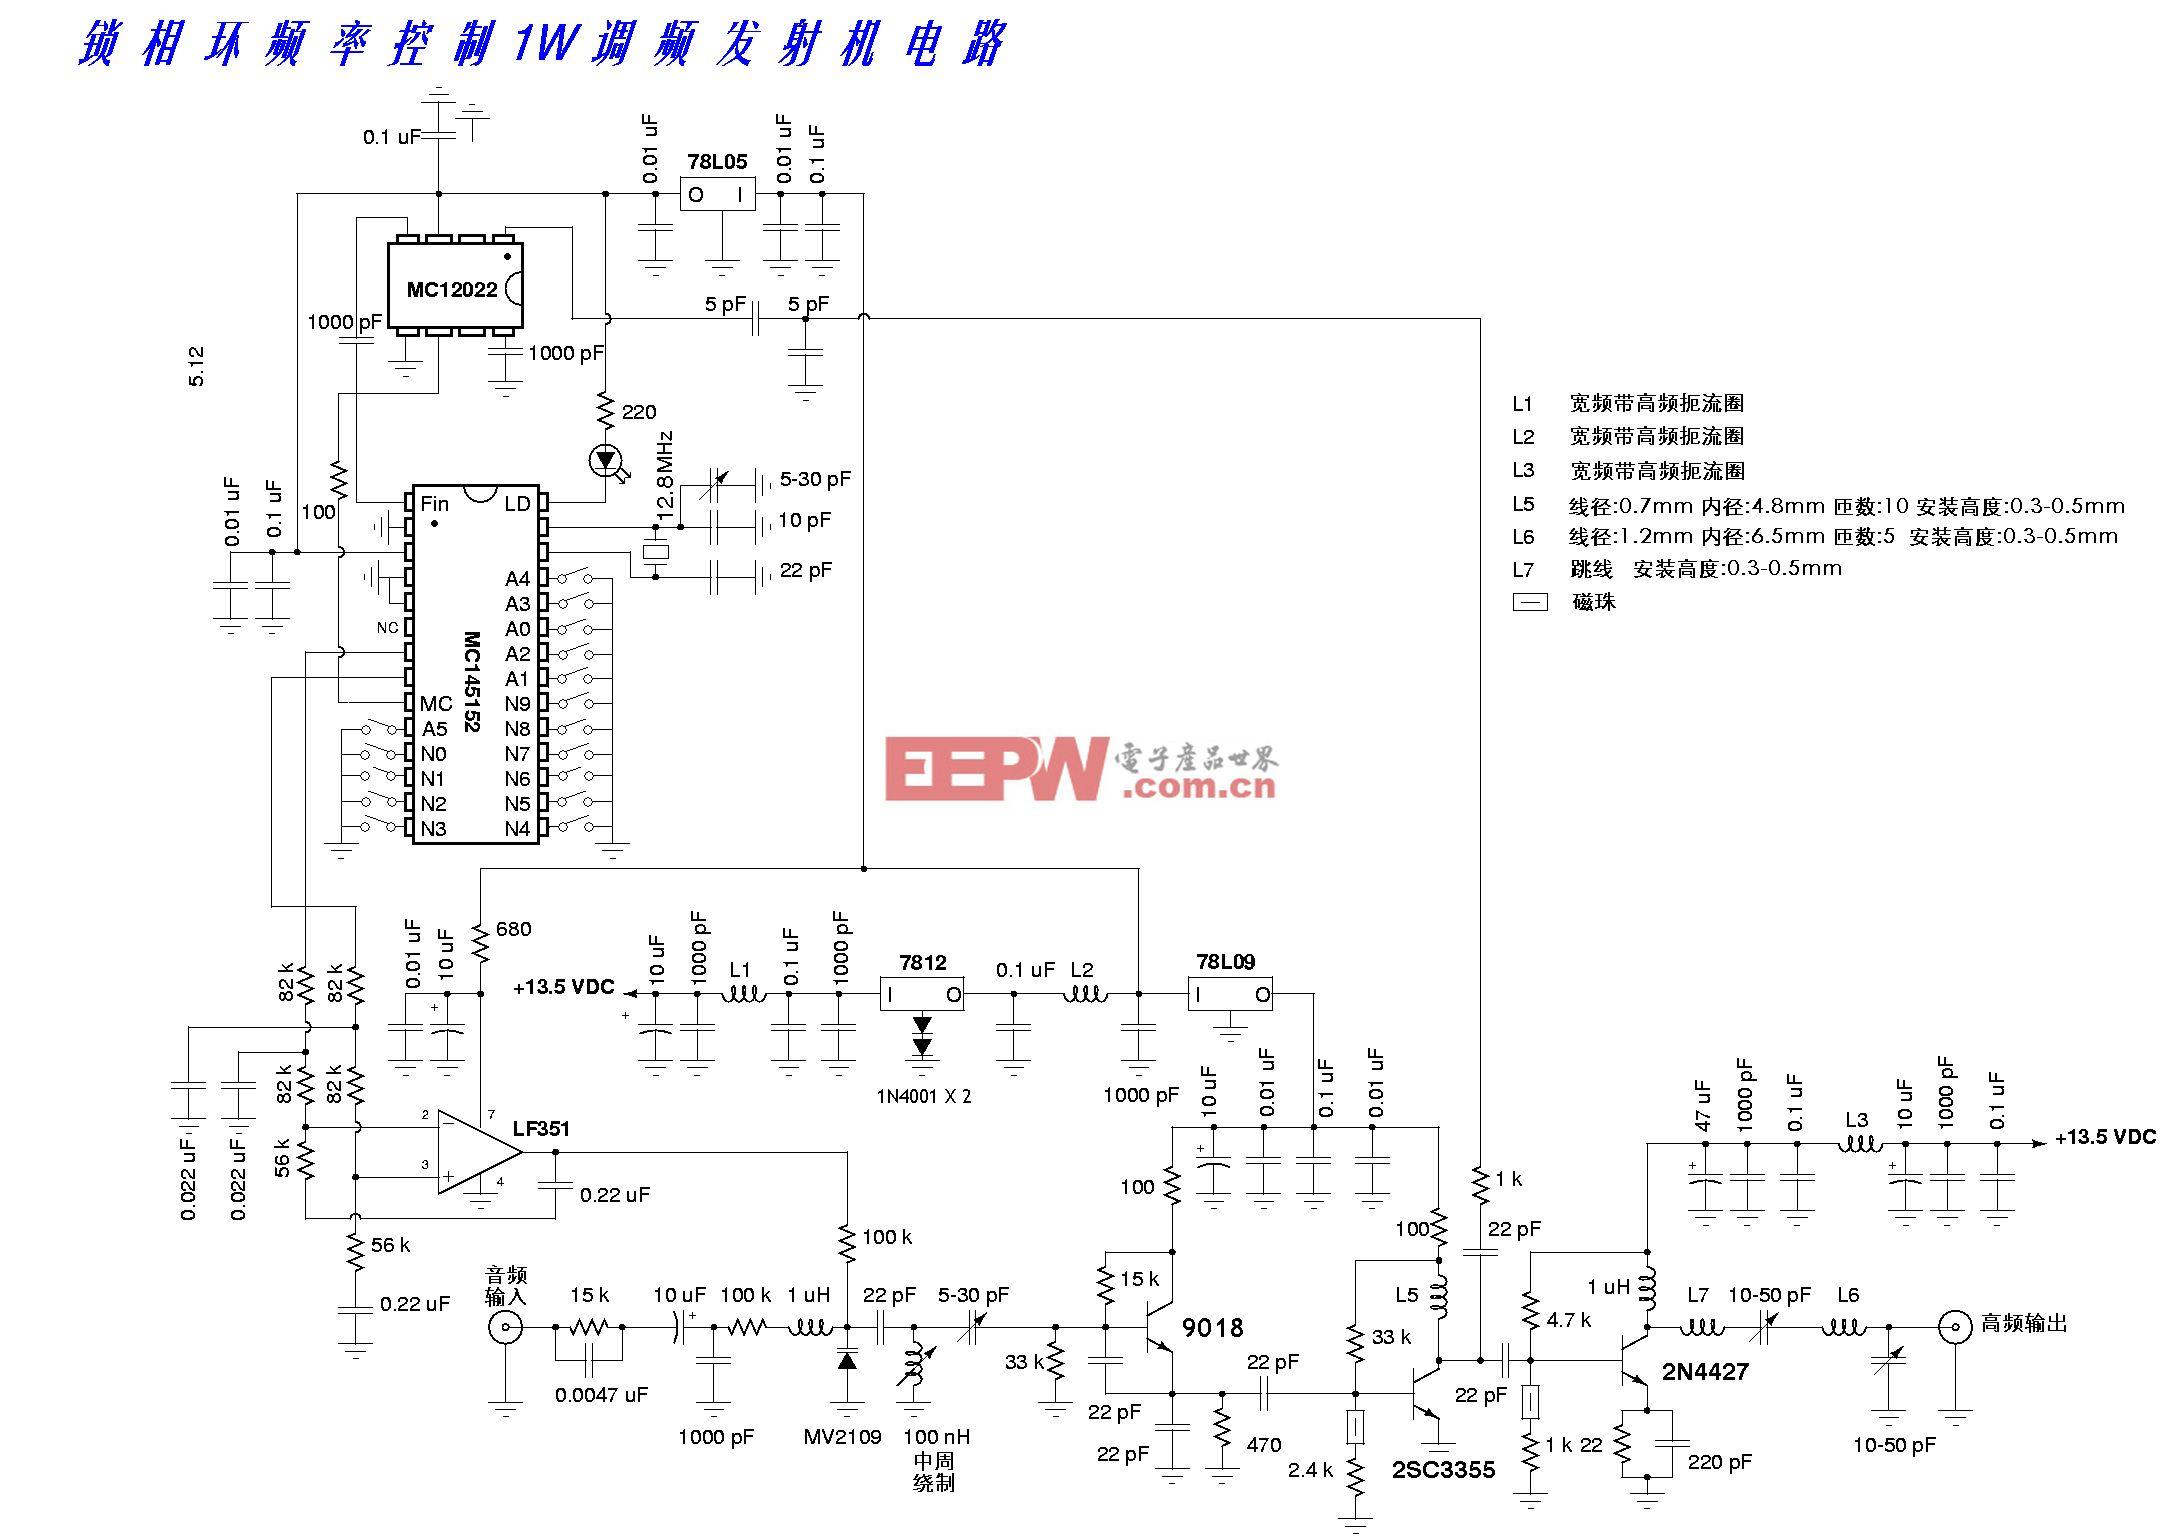 锁相环频率合成1瓦调频发射机电路